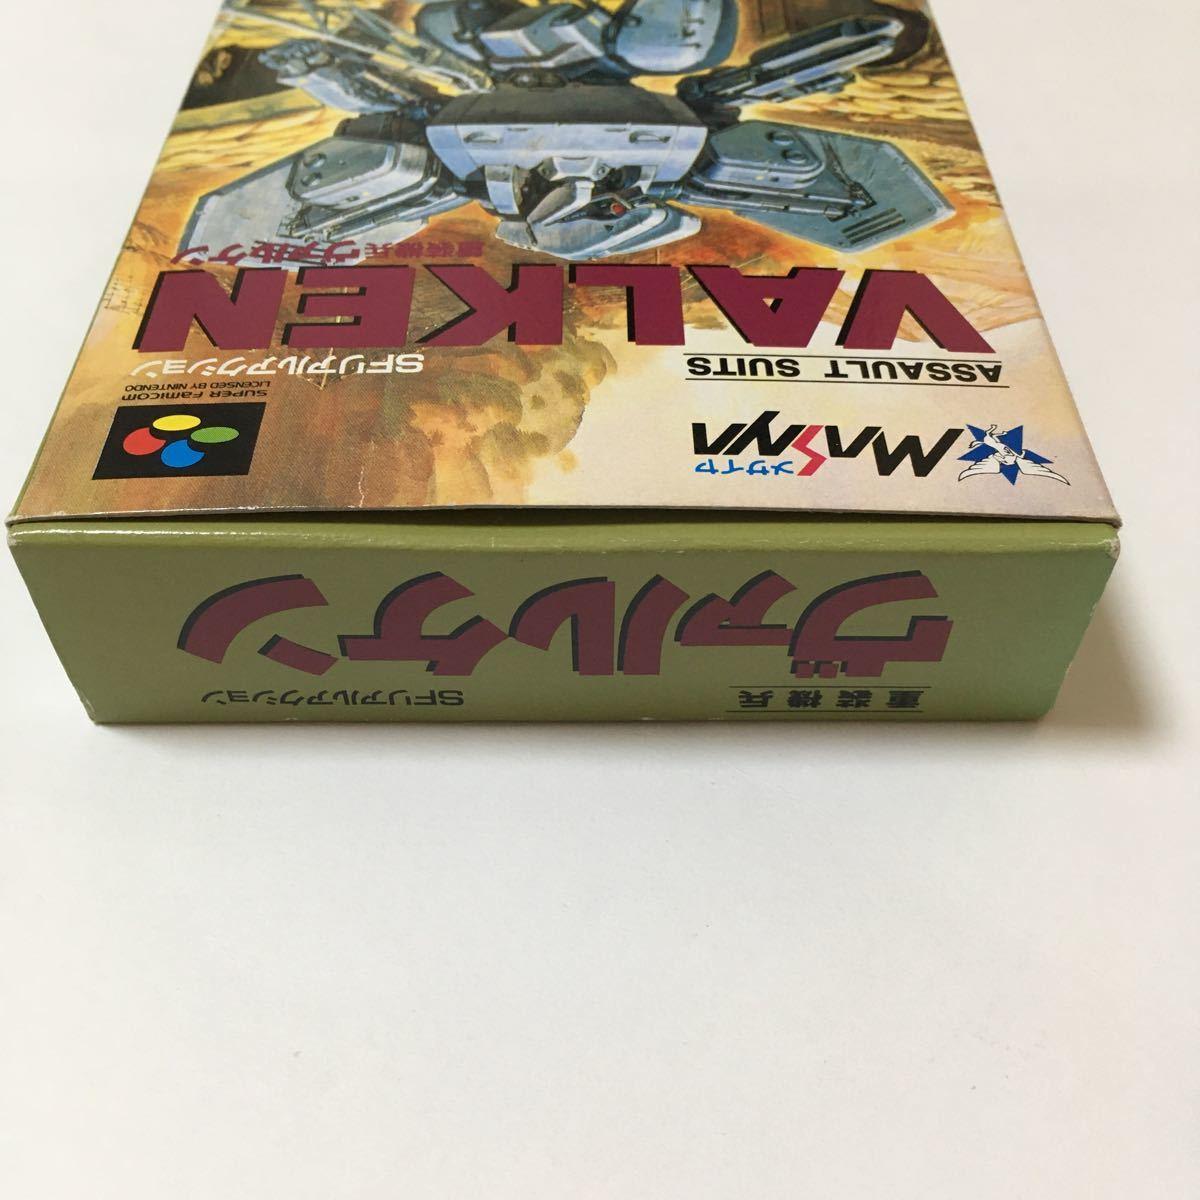 スーパーファミコン ソフト 重装機兵ヴァルケン レトロ ゲーム スーファミ 美品 ロボット 任天堂 カセット アクション